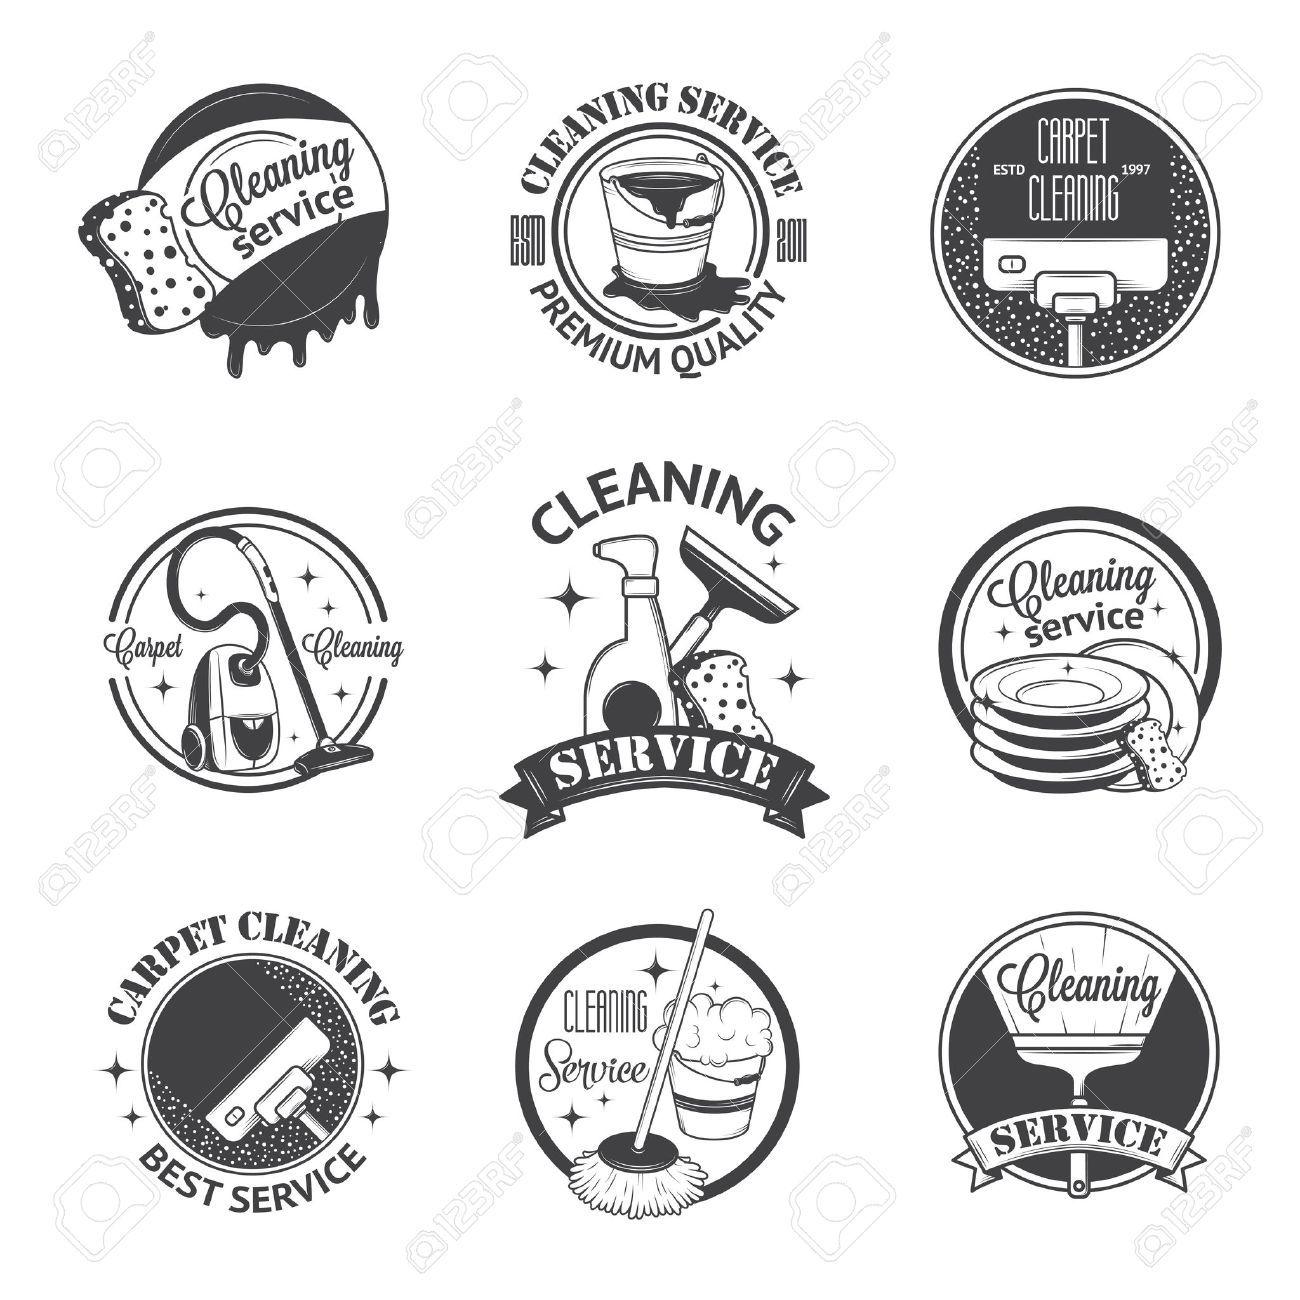 Set Of Vintage Logos Labels And Badges Cleaning Services Cleaning Company Logo Vintage Logo Cleaning Service